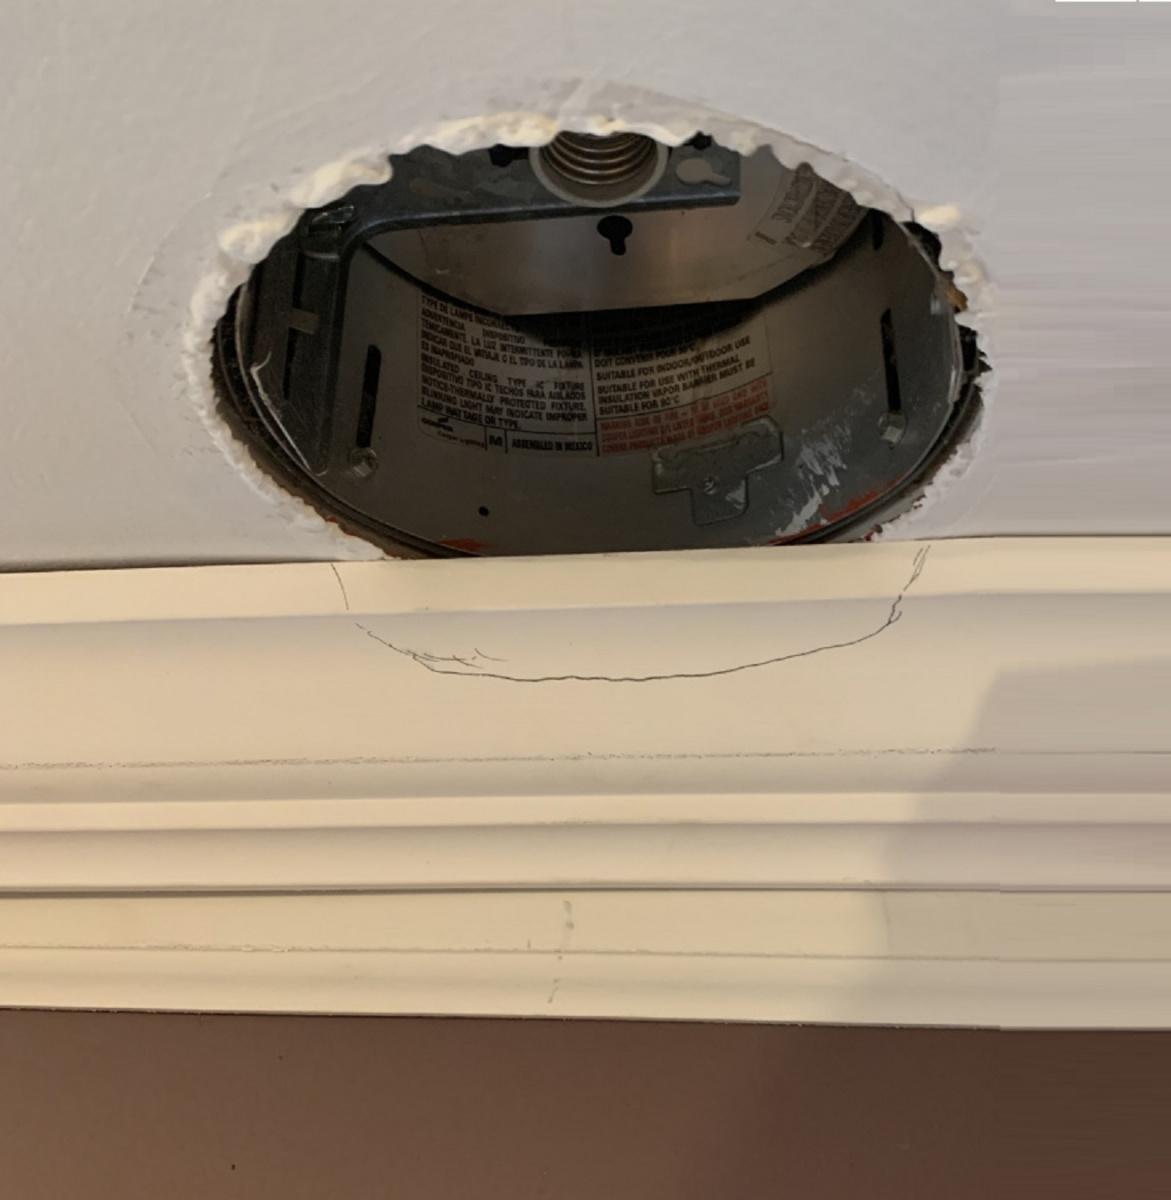 Crown Molding Installation Help-feef324f-e996-463c-9fc5-9fec8e12a258.jpg